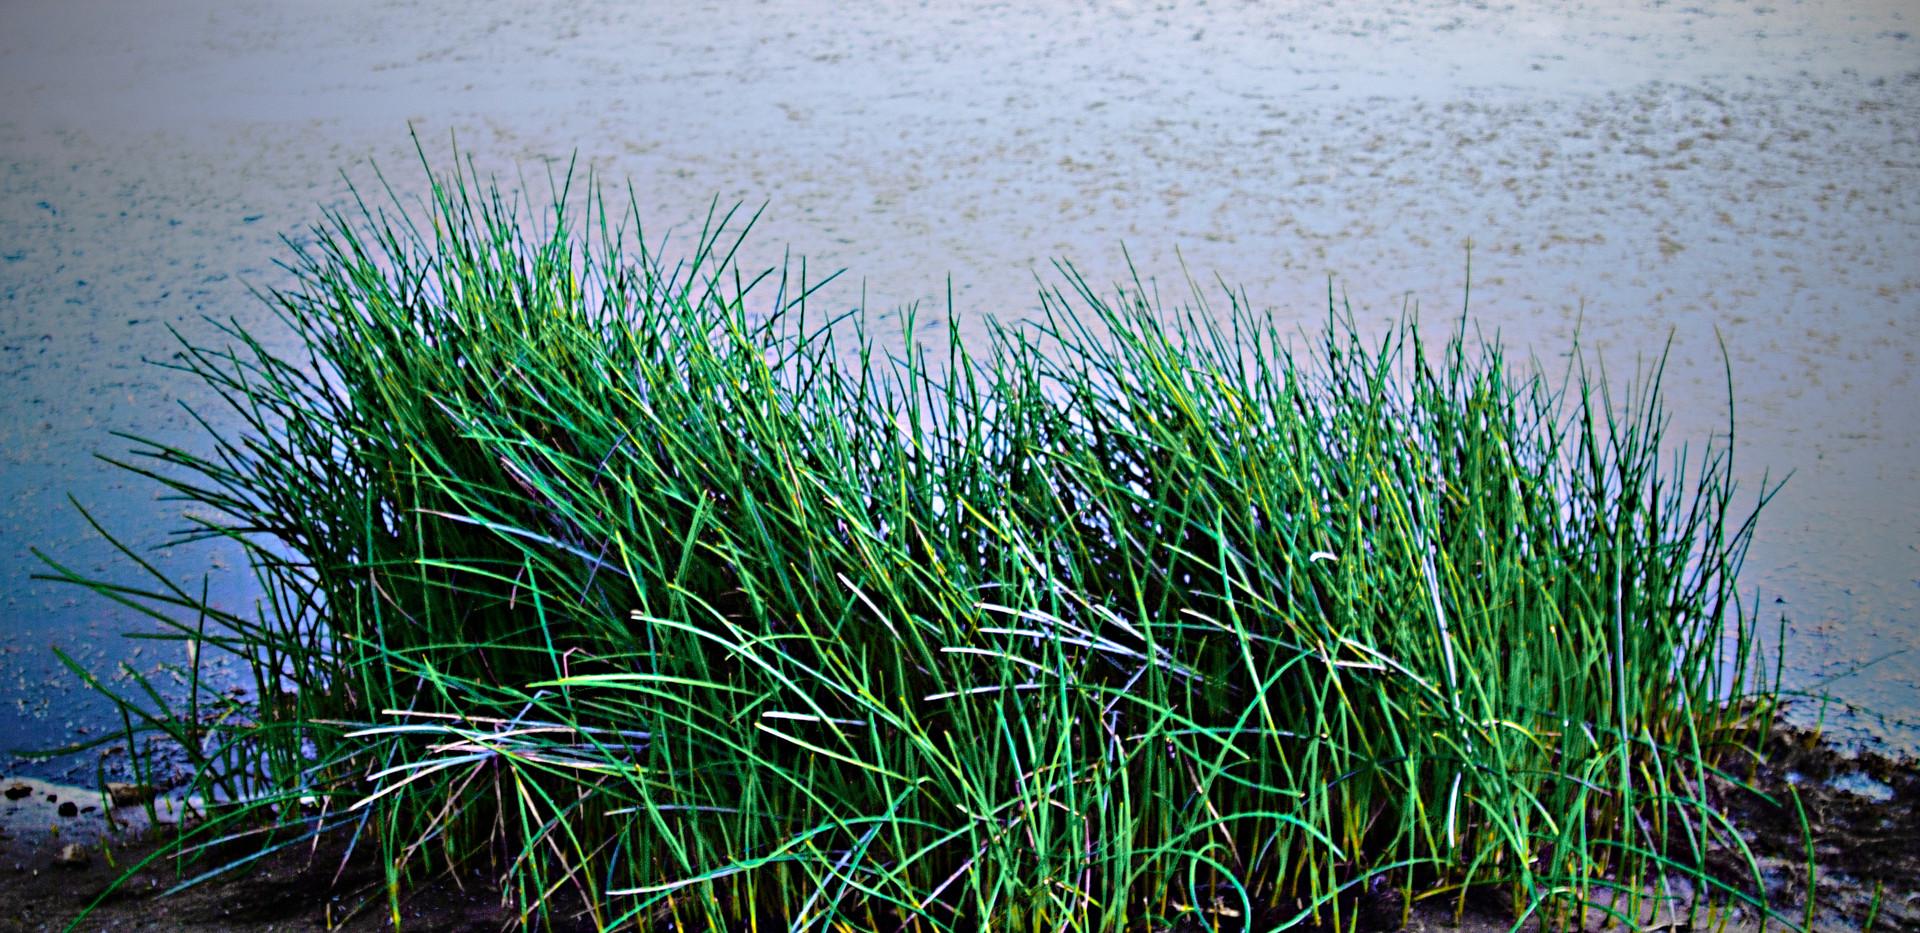 Abbott Grasses